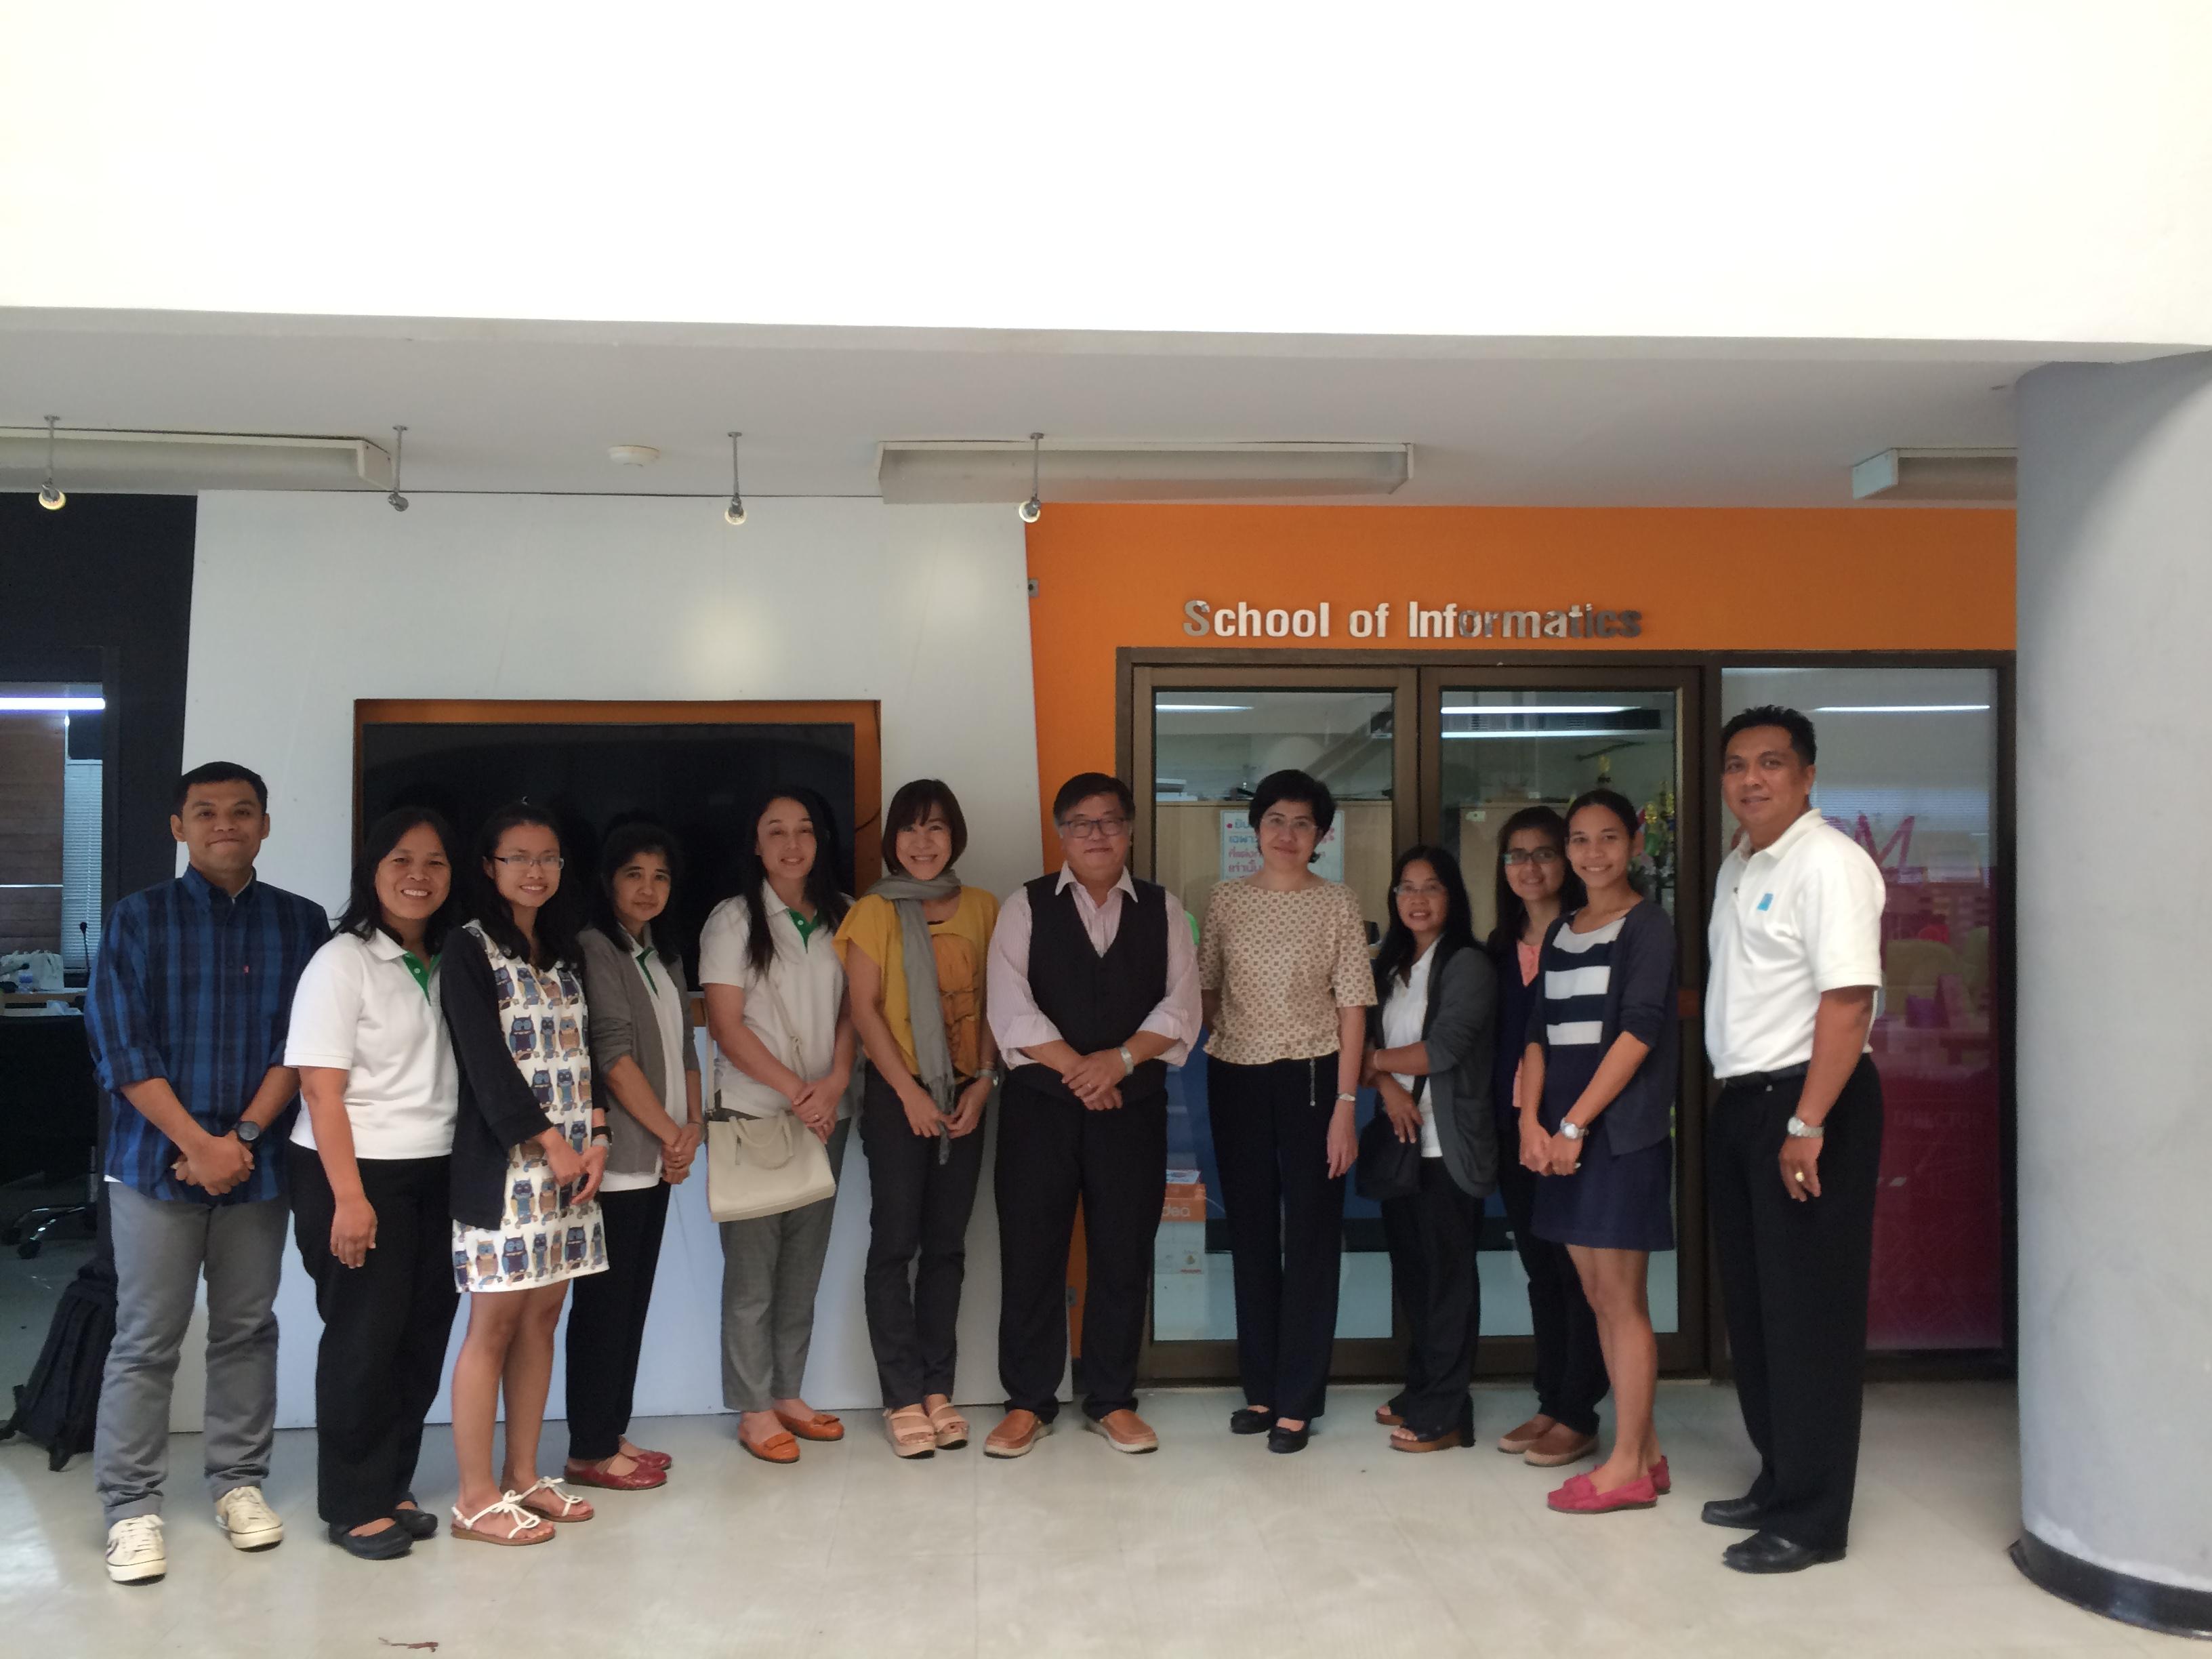 ภาพการเข้าฟังบรรยายและเข้าพบปรึกษางานวิจัยกับ Assoc.Prof.Dr. Lance C. Fung ระหว่างวันที่ 10-12 มีนาคม 2559